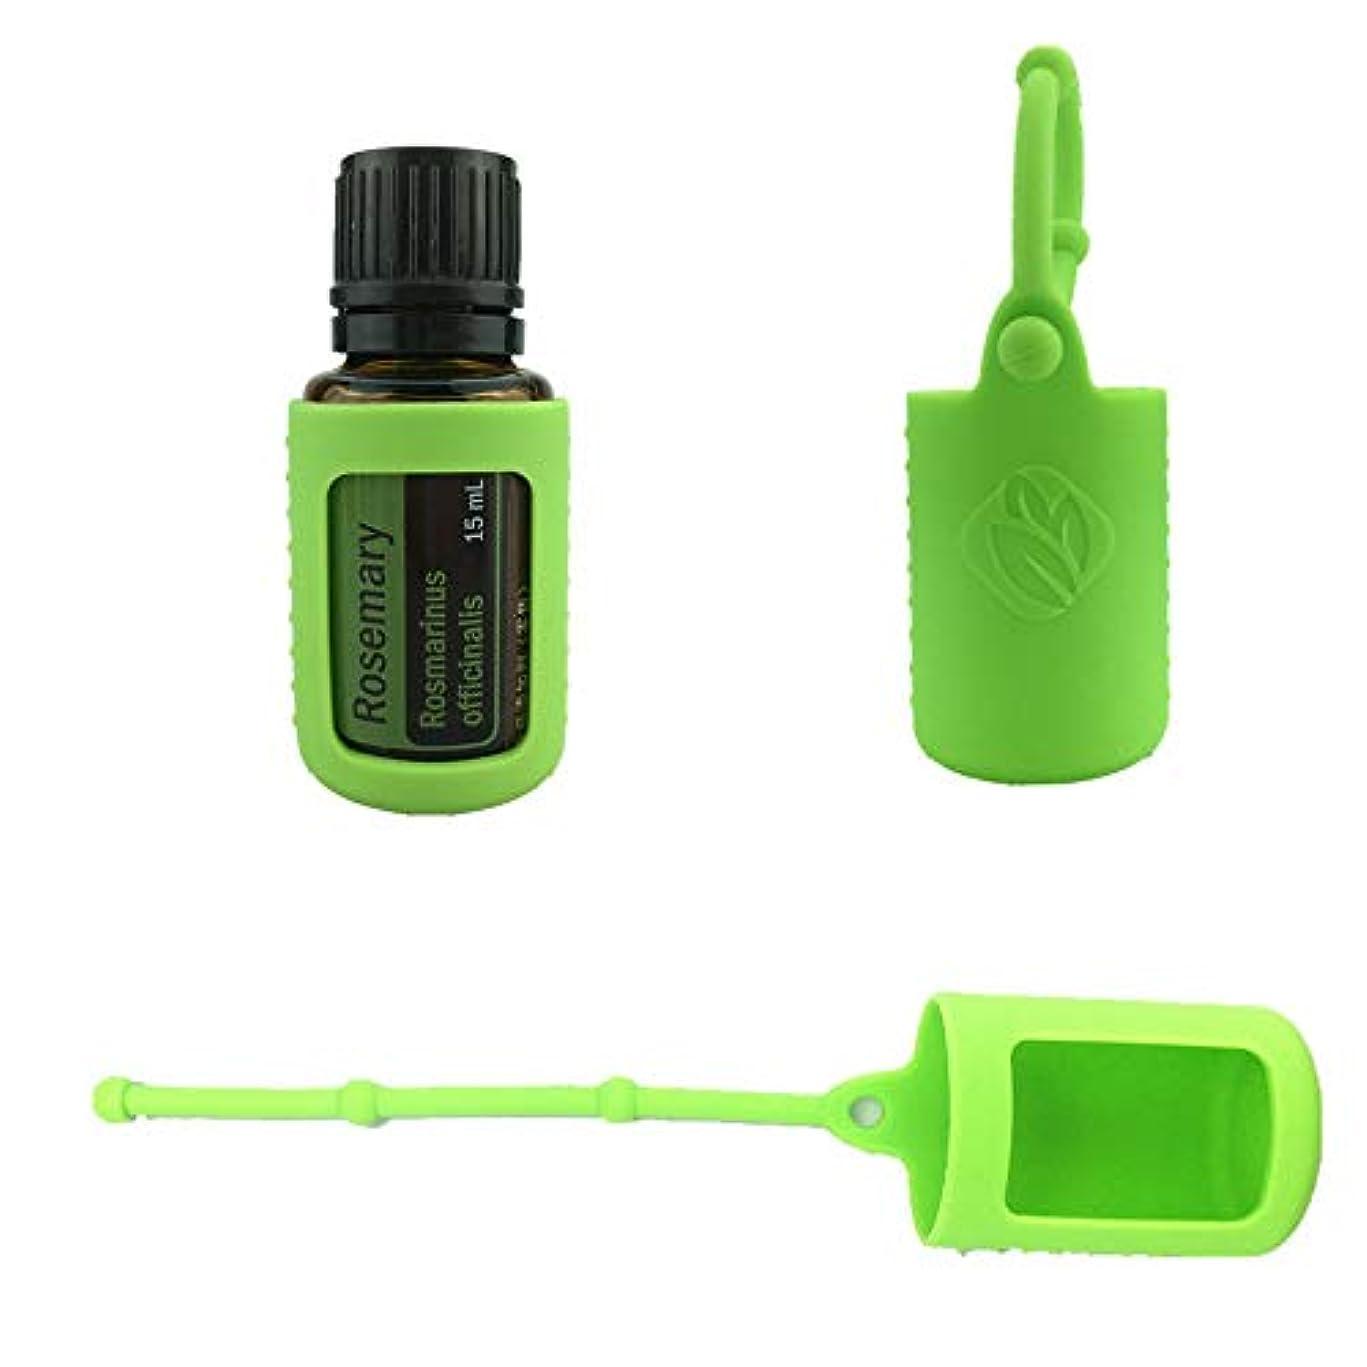 6パック熱望オイルボトルシリコンローラーボトルホルダースリーブエッセンシャルオイルボトル保護カバーケースハングロープ - グリーン - 6-pcs 15ml